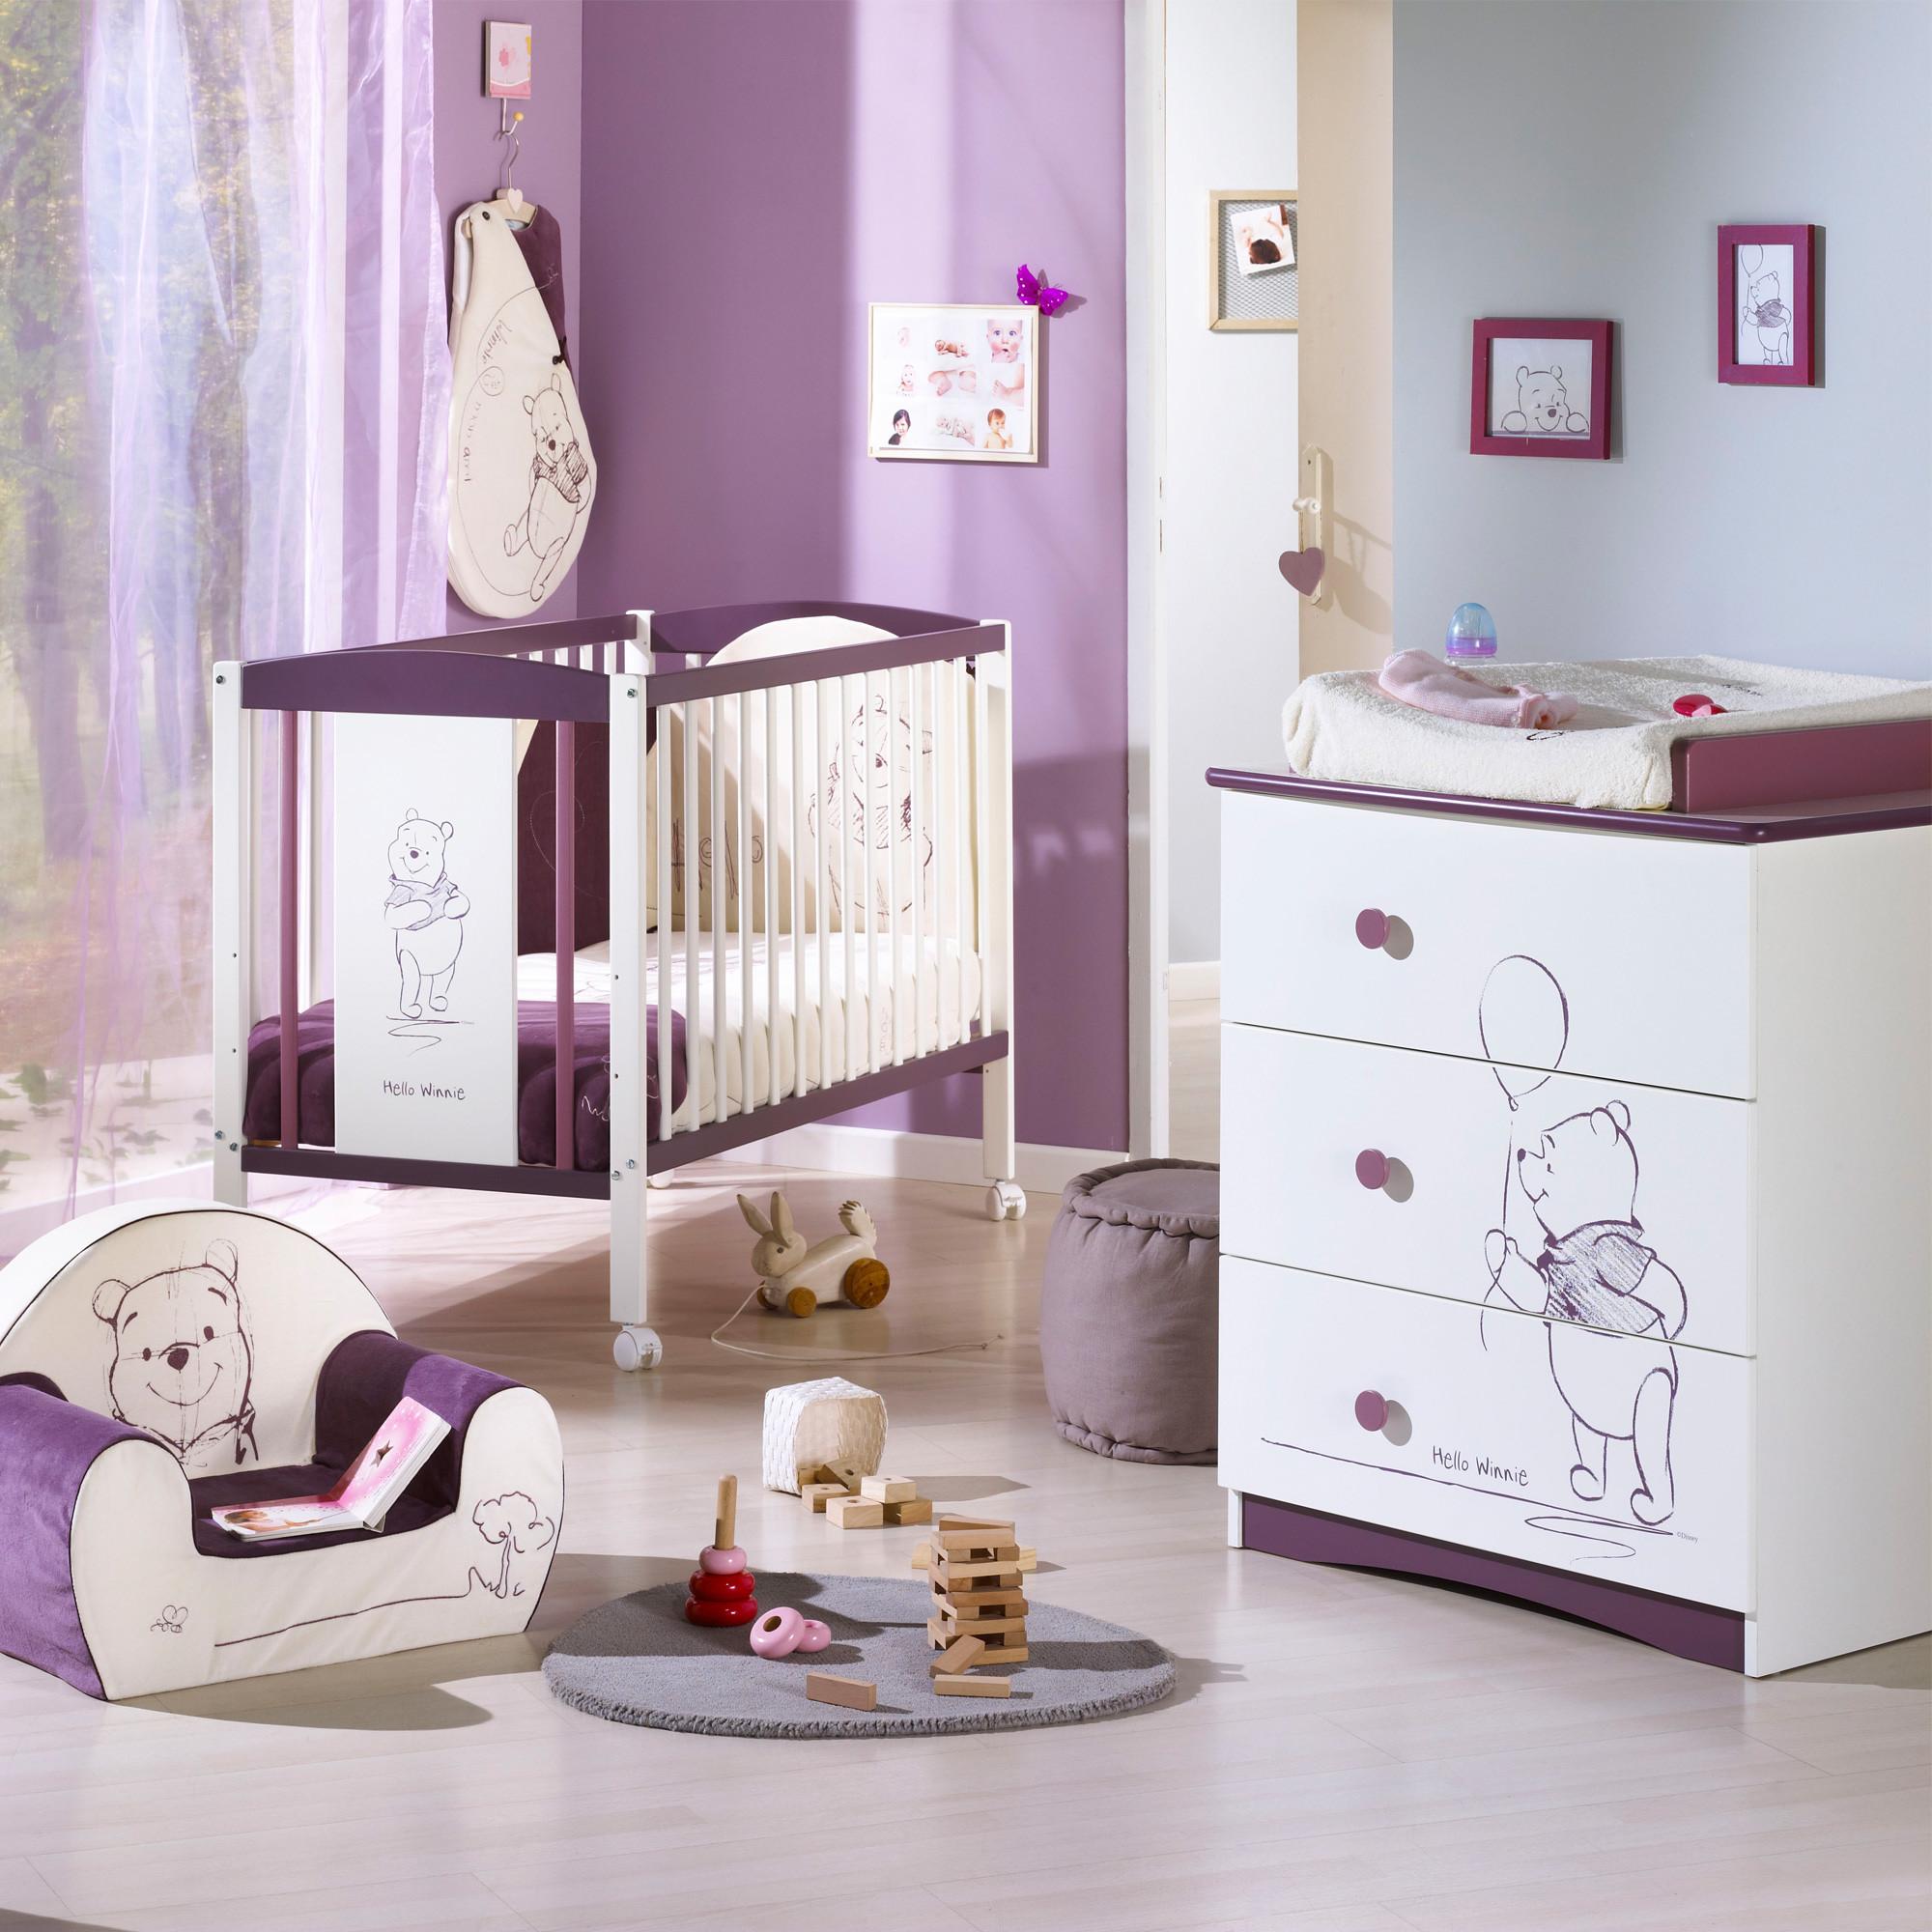 Sauthon chambre complète pour bébé winnie l\'ourson - Idées de tricot ...